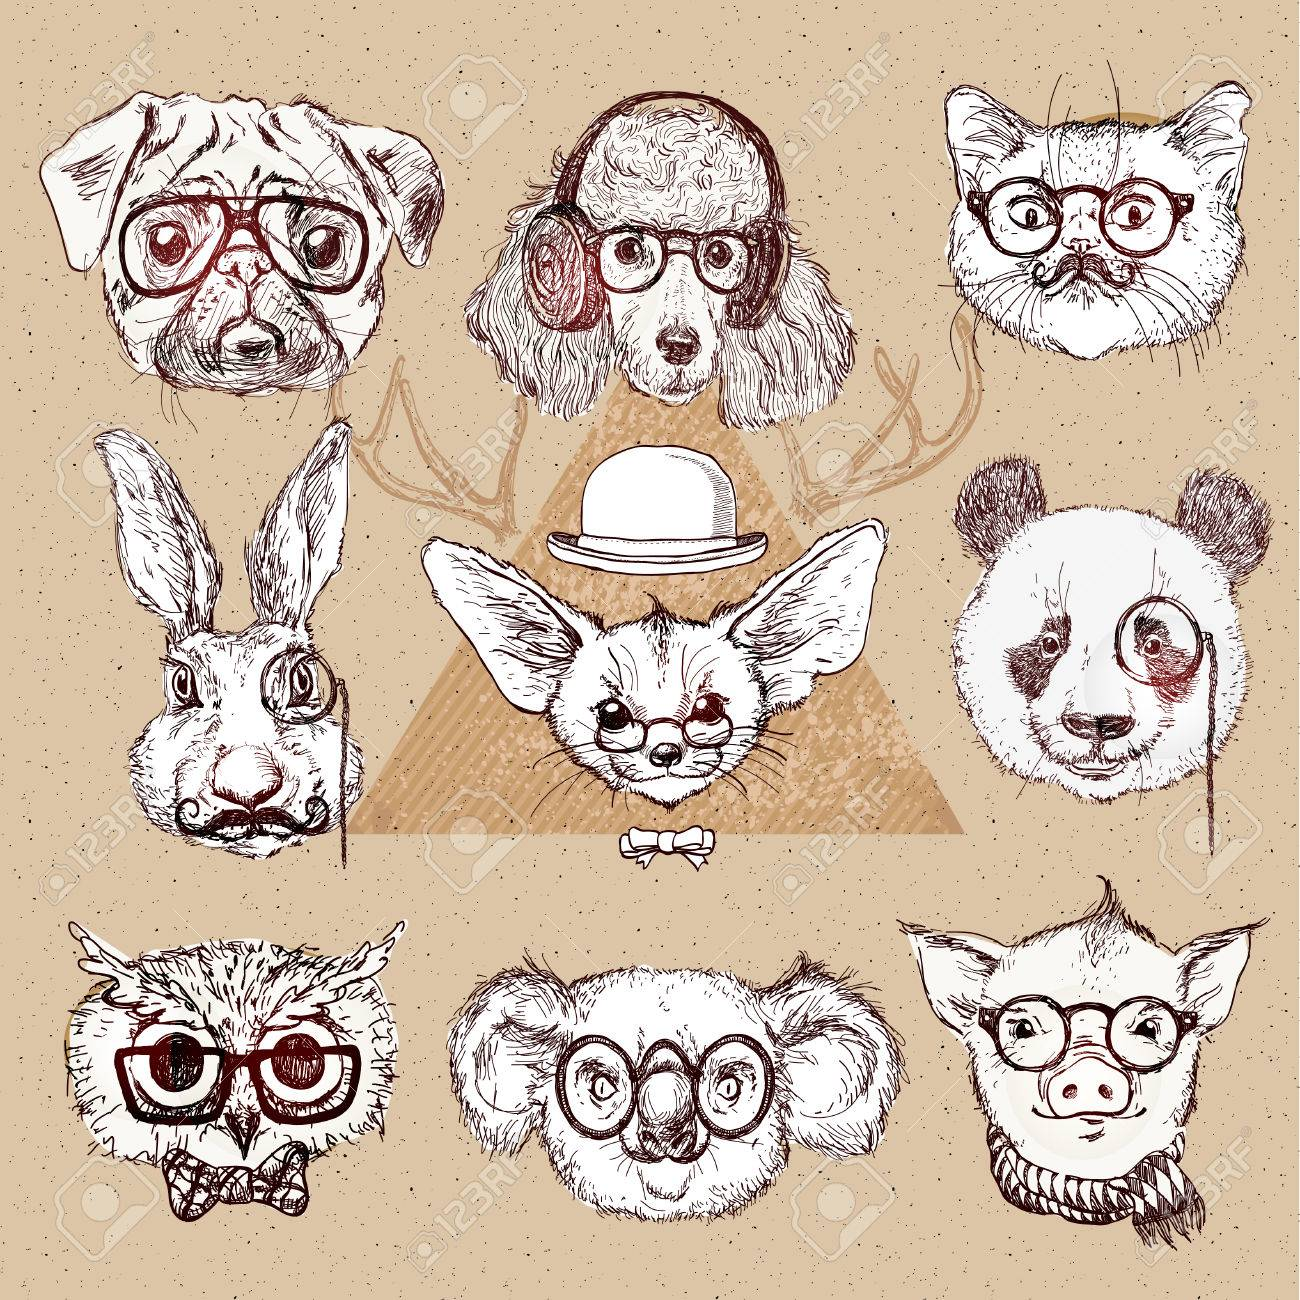 流行に敏感な動物のベクトルで眼鏡をかけて設定のヴィンテージのイラスト